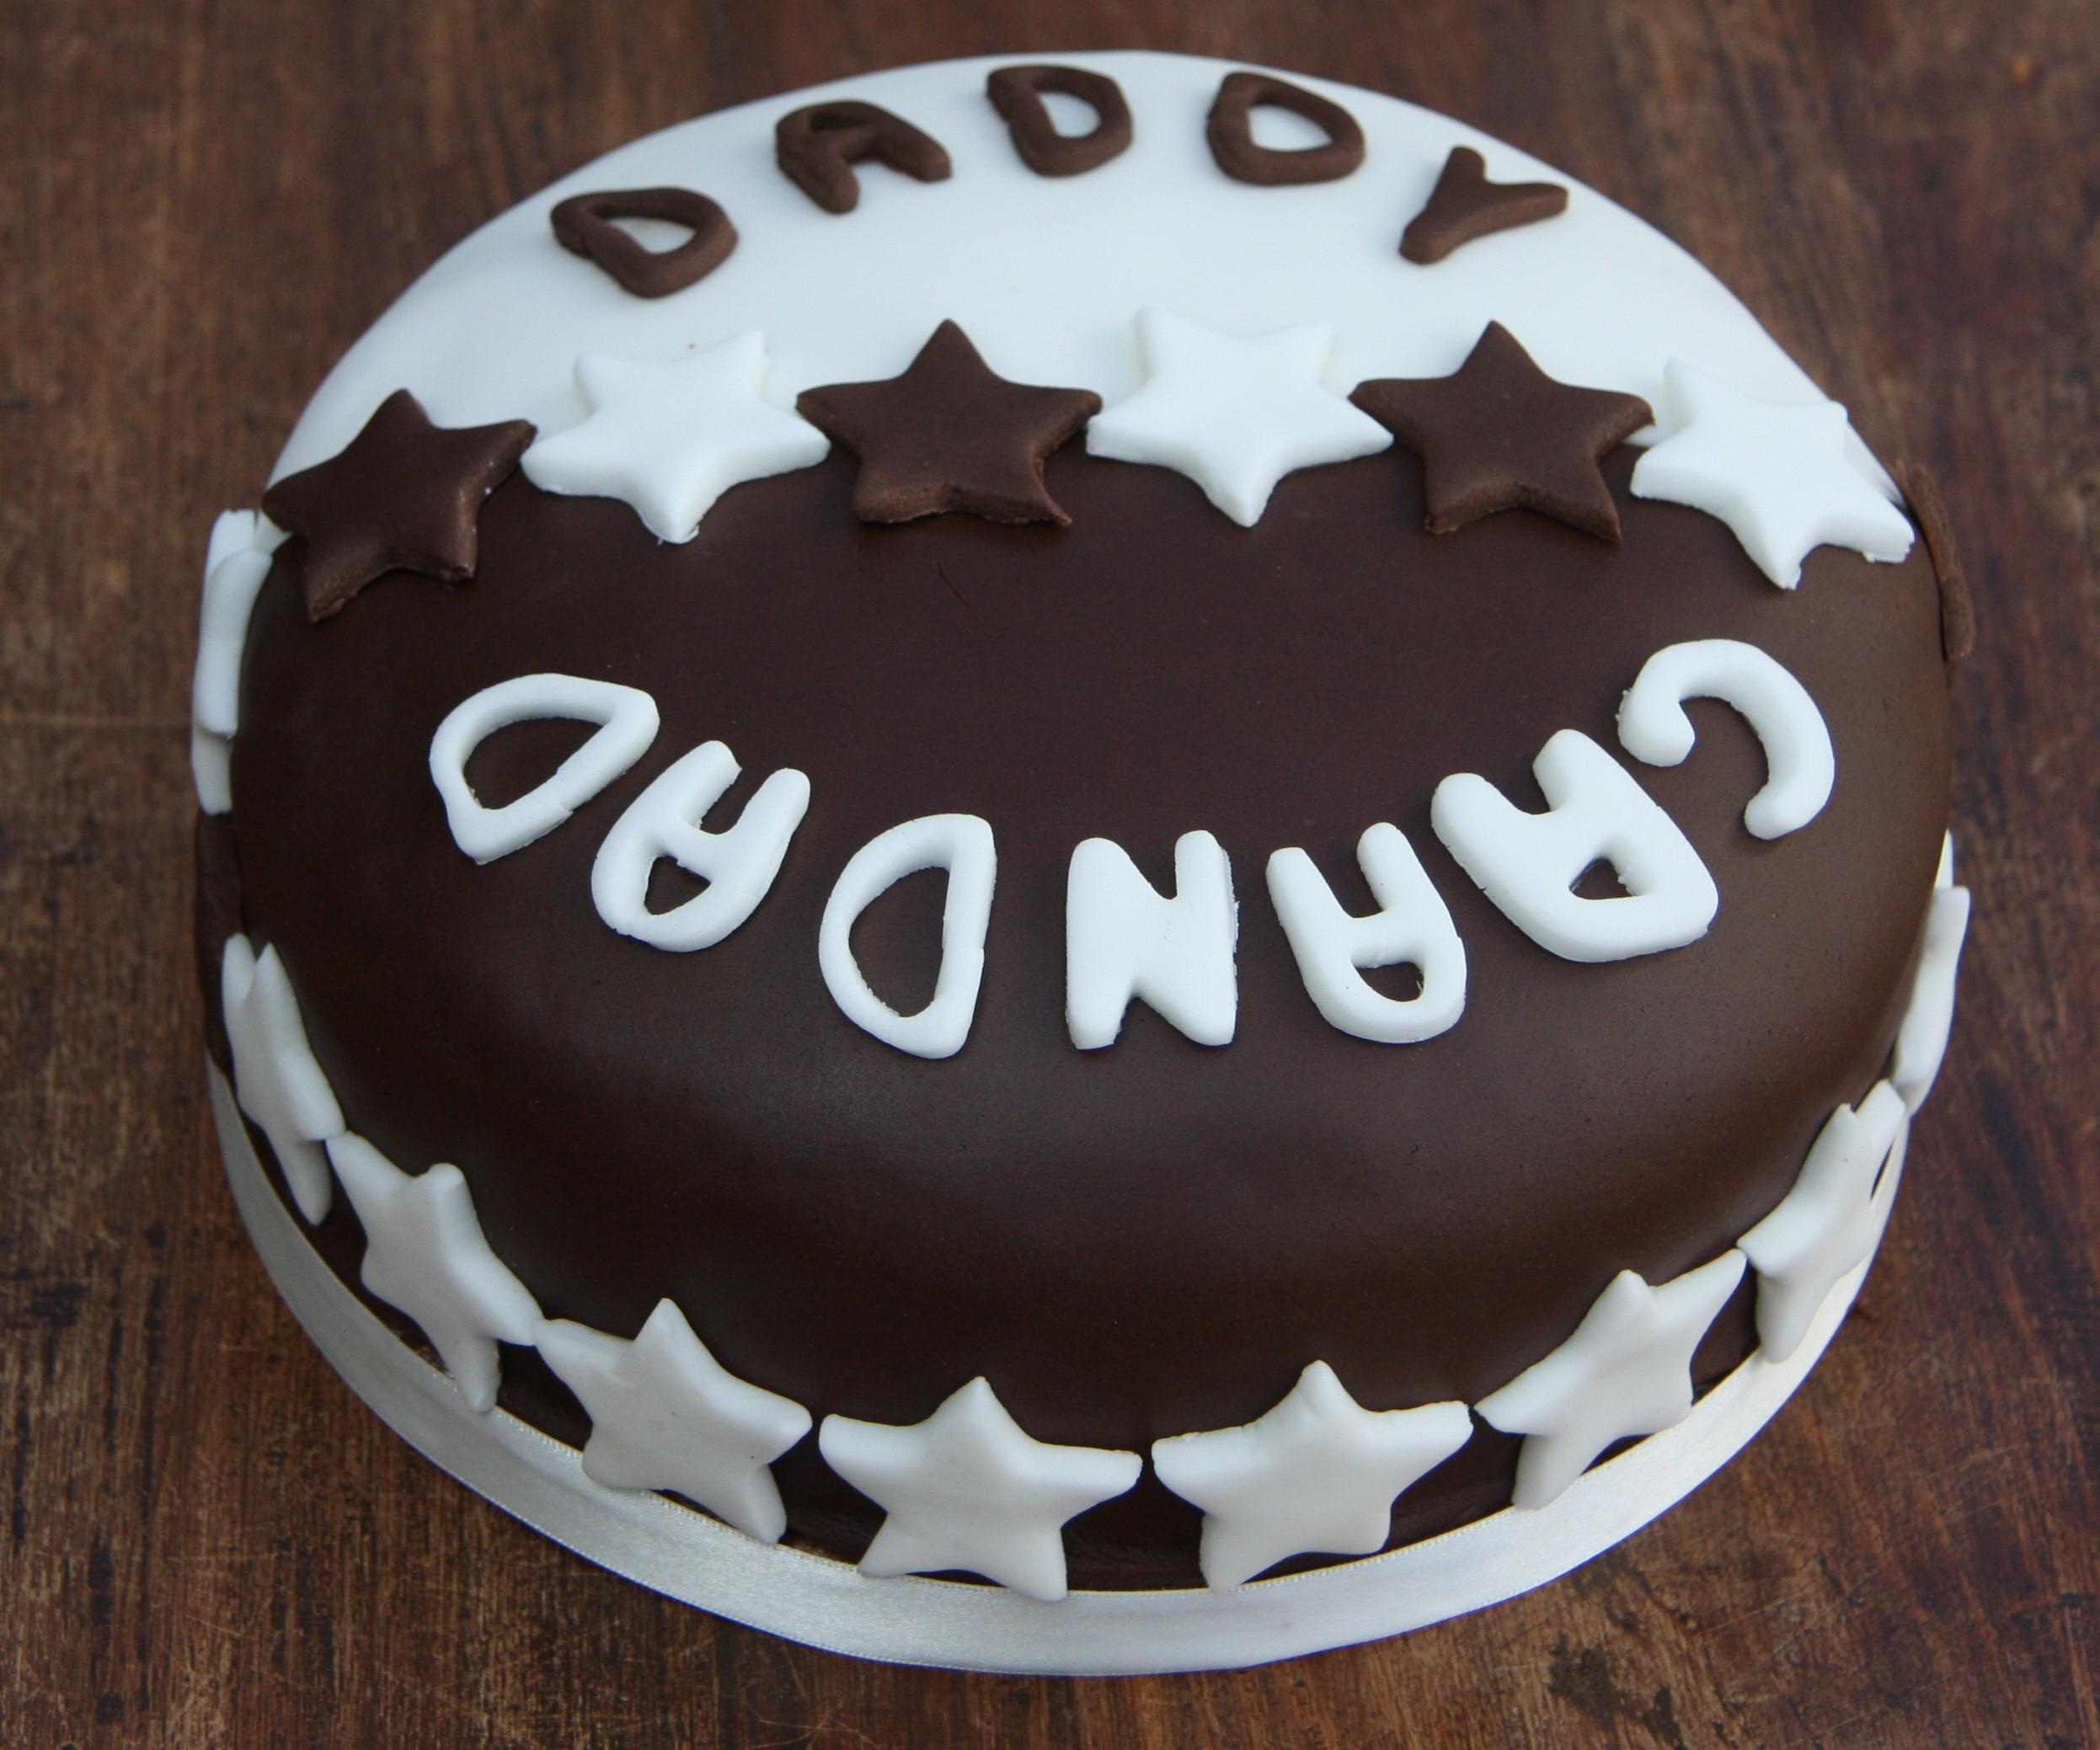 Birthday Cake Vineyards Cheesecake Image Inspiration of Cake and